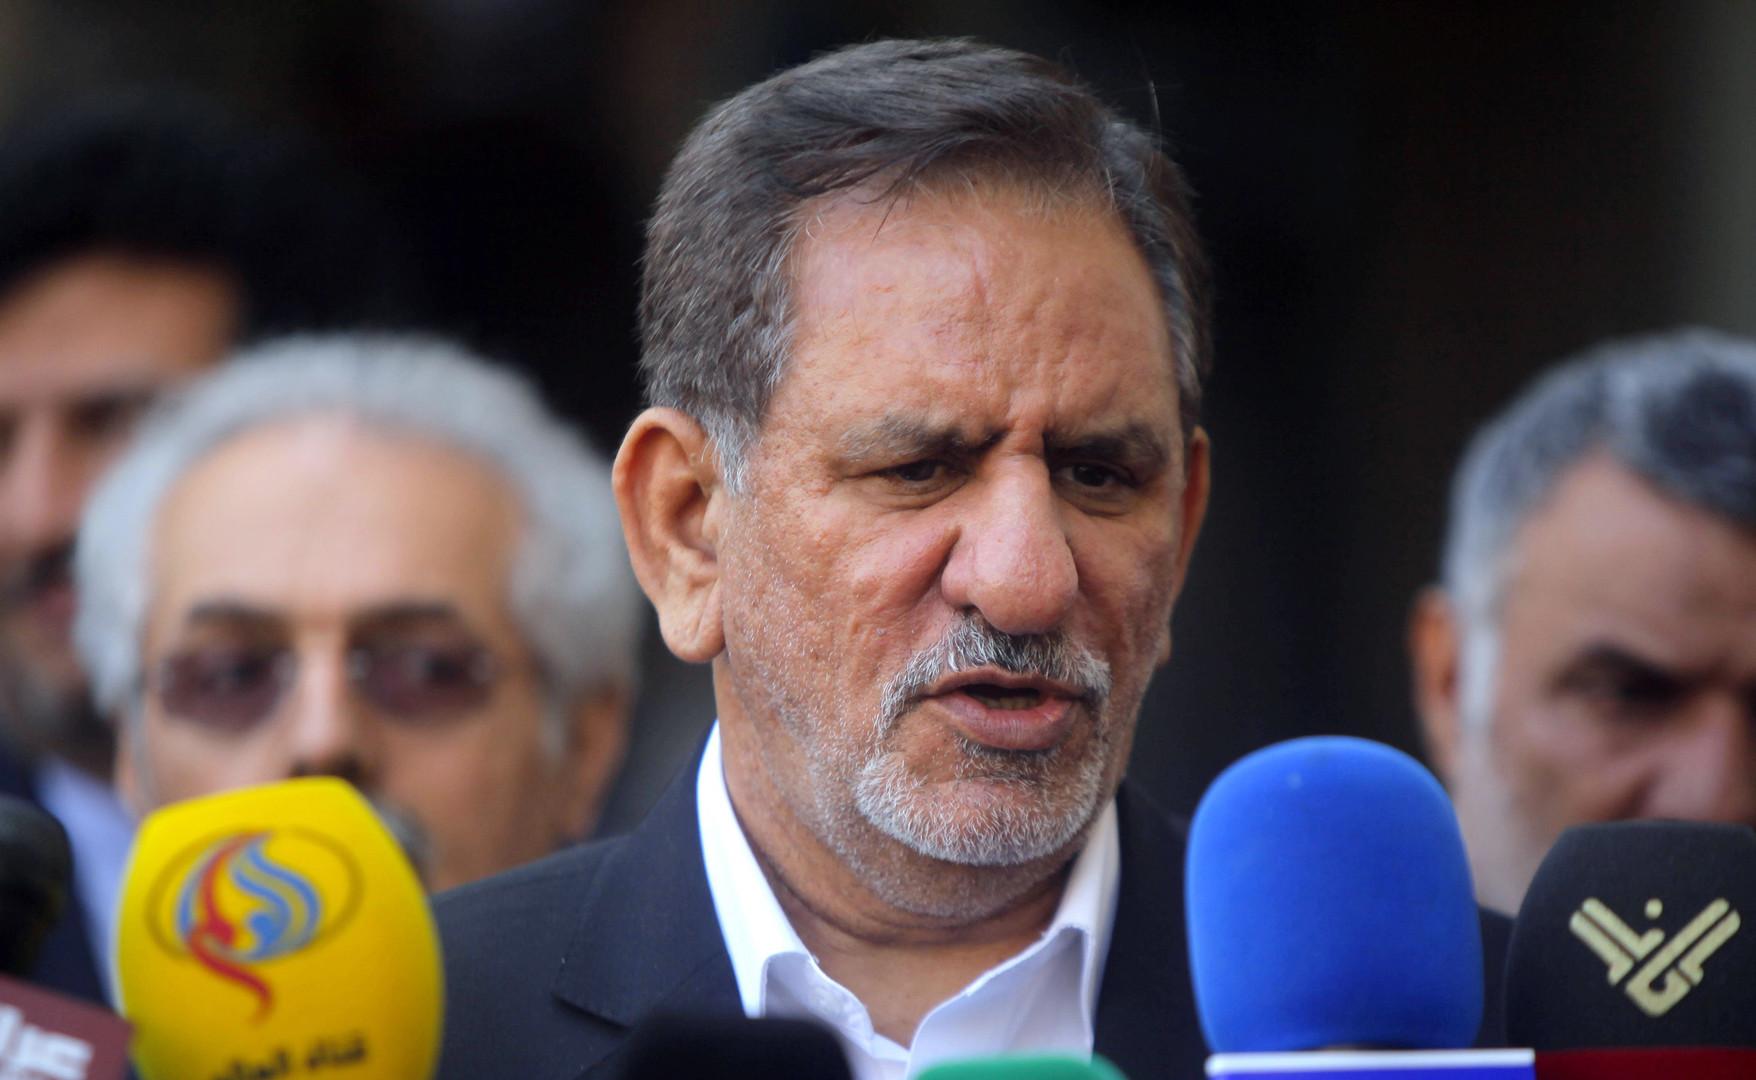 نائب الرئيس الإيراني: إنشاء تحالف دولي لحماية الخليج سيجلب انعدام الأمن